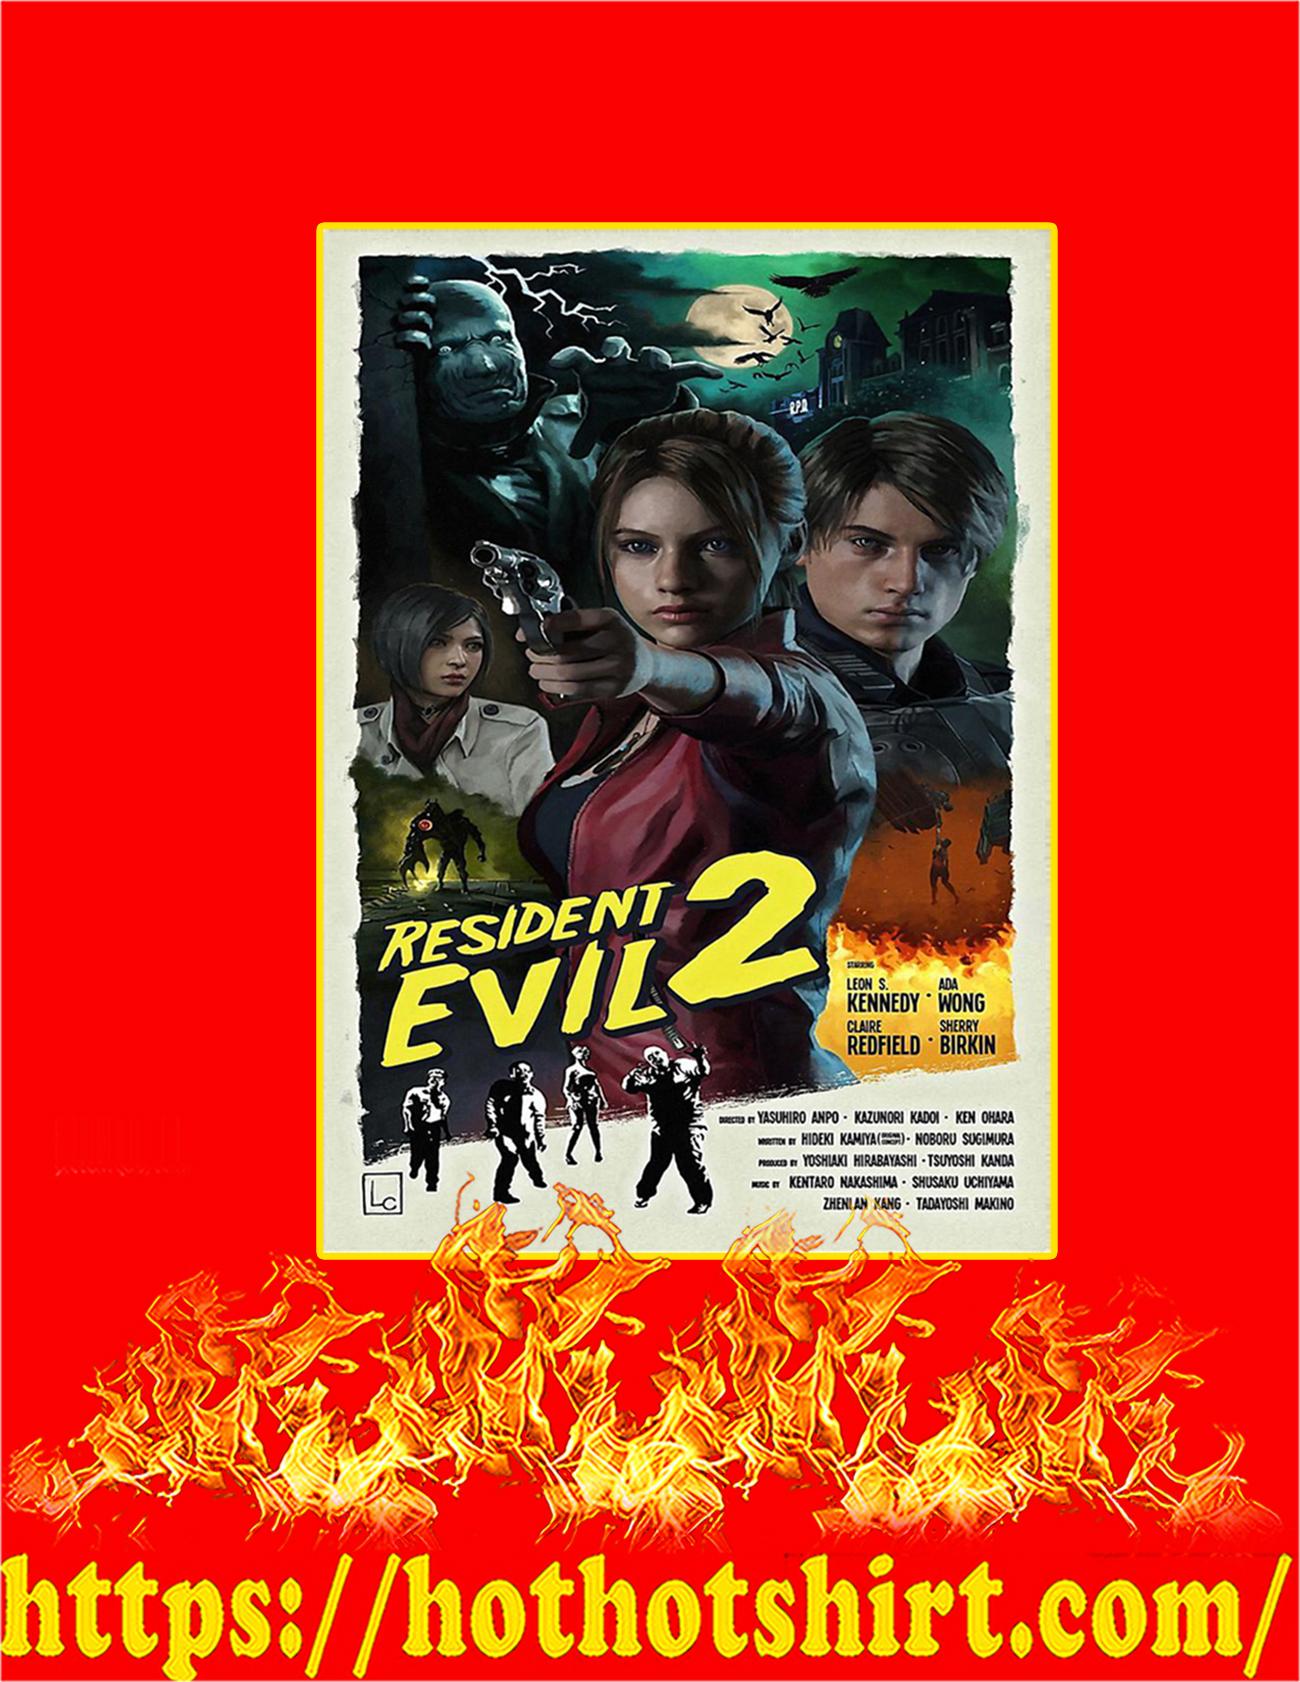 Resident evil 2 poster - A4